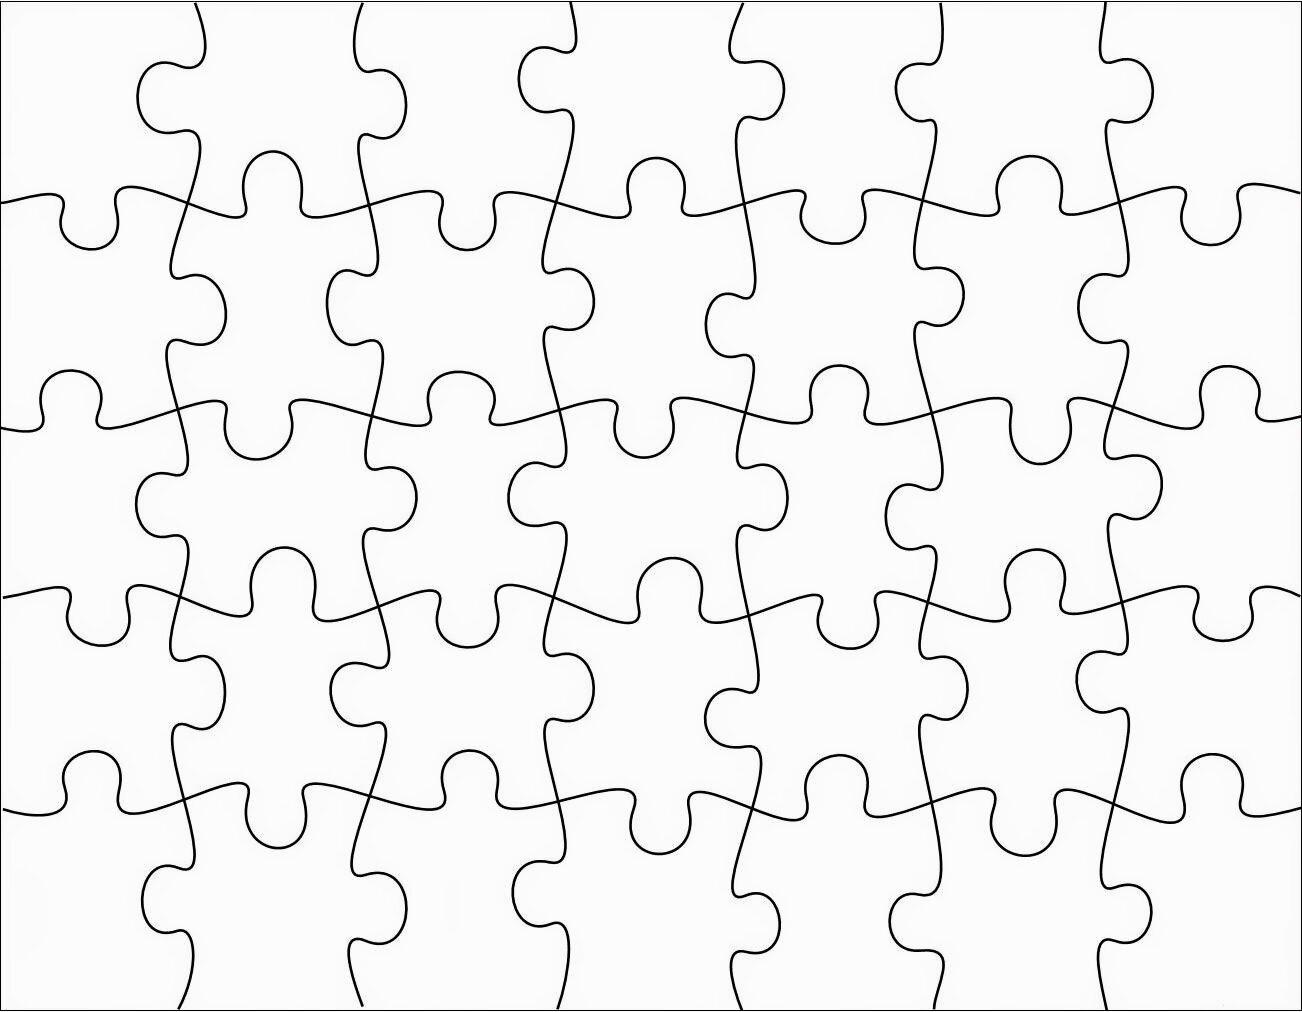 Les Puzzle